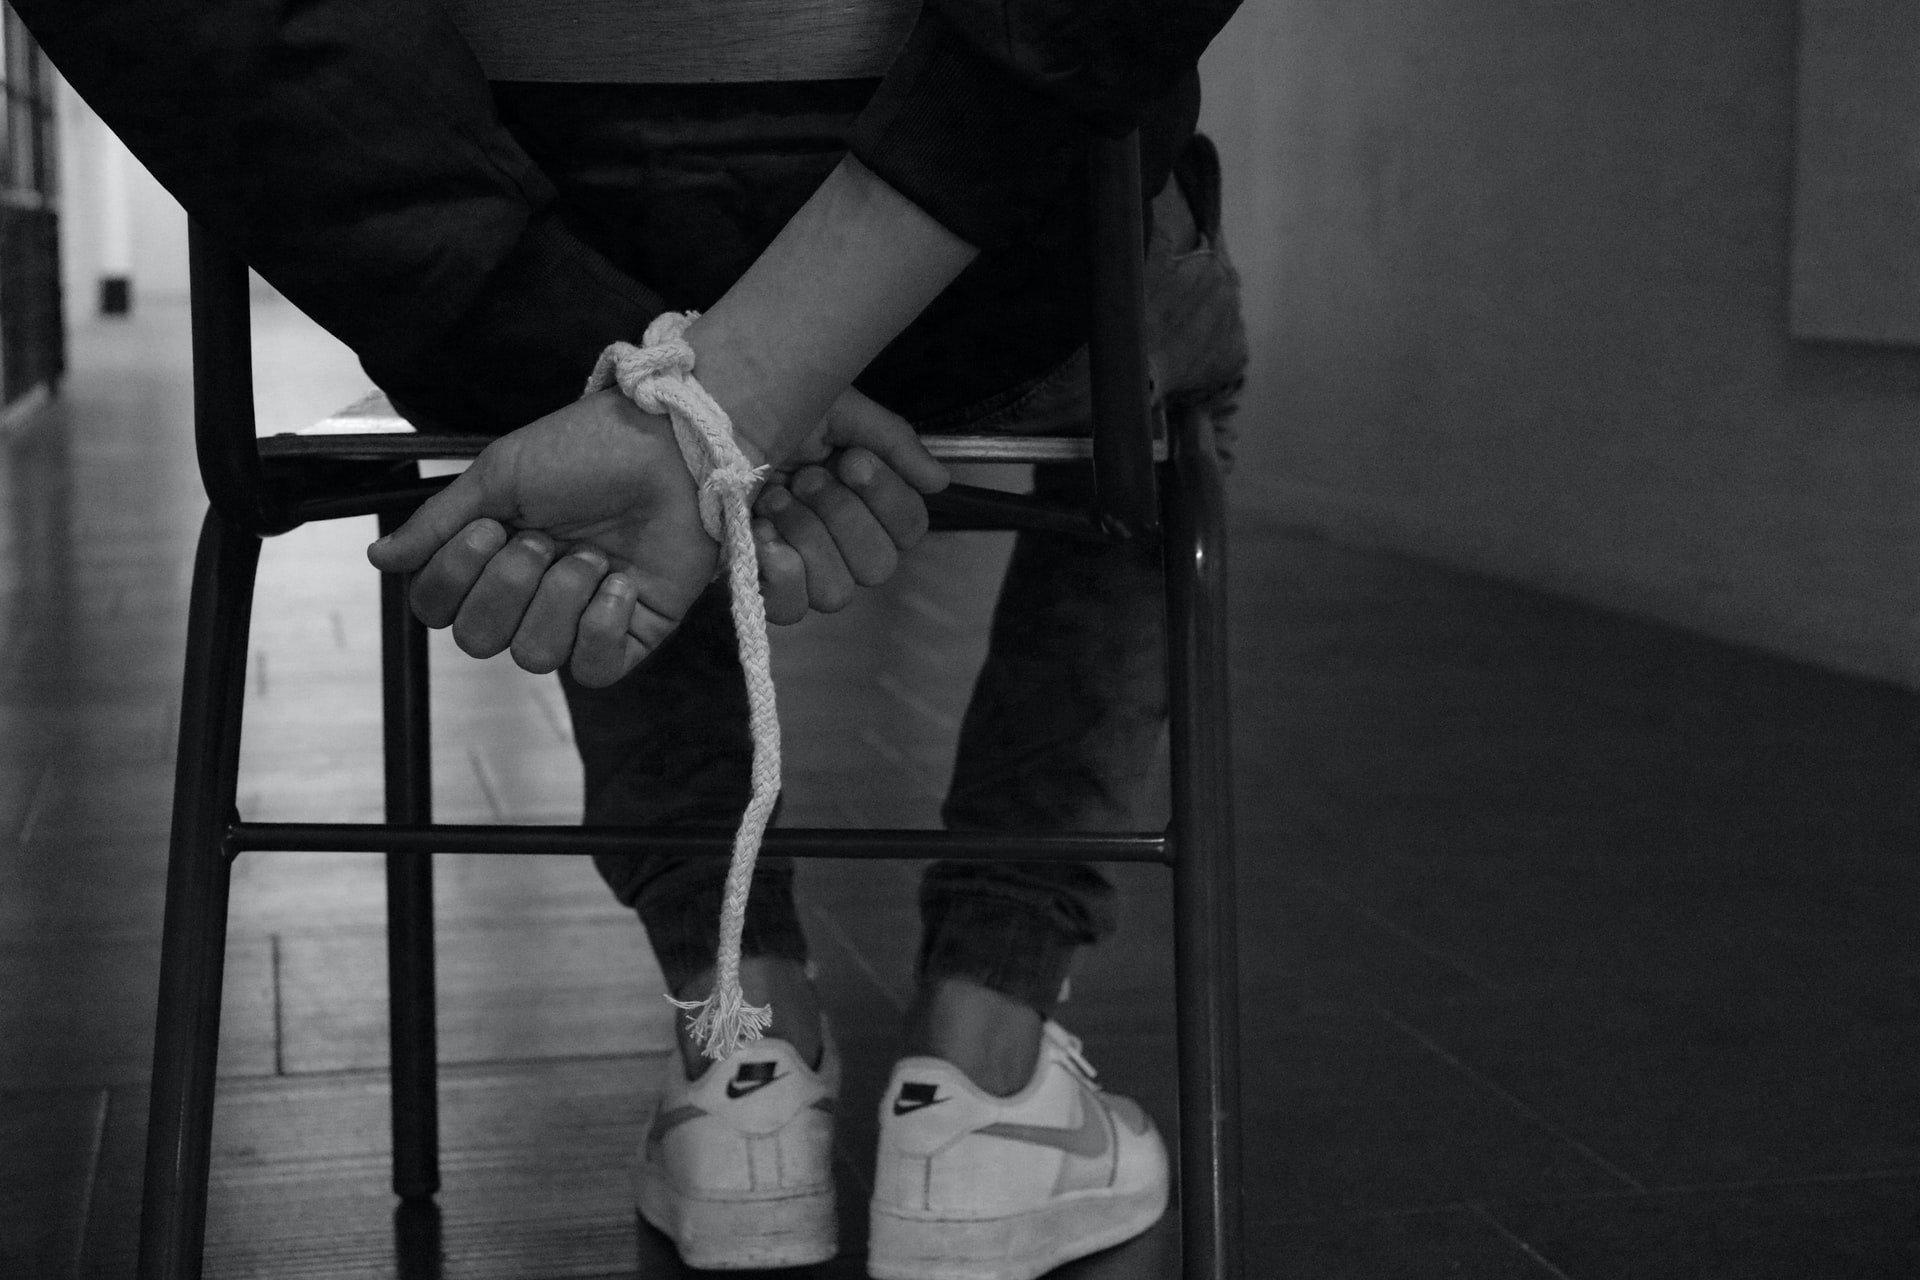 Personne avec les mains liées